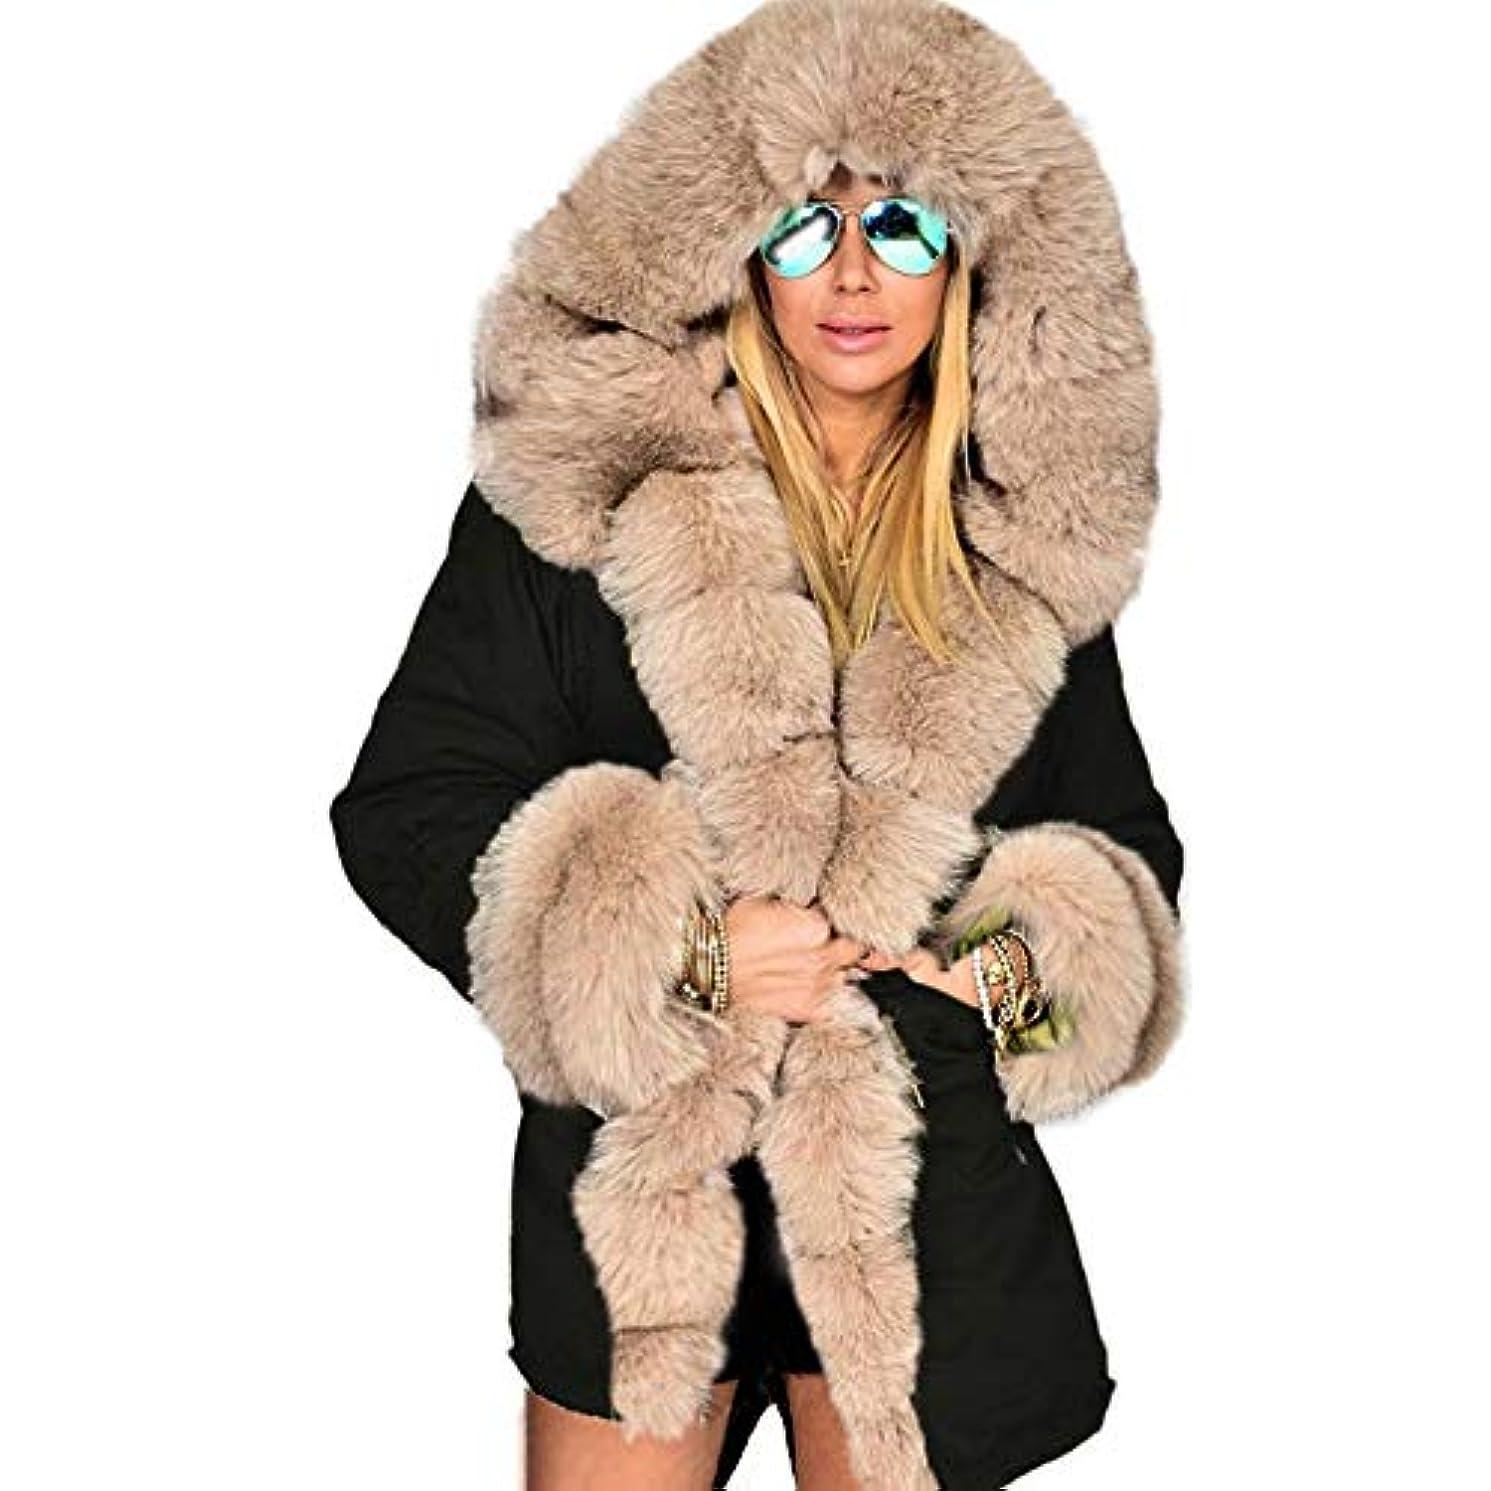 変換環境に優しいタイマー冬ジャケット女性ファッションフードコートフェイクファーカラーコットンフリースウォームコートパーカスパーカープラスサイズロングコート,XXL